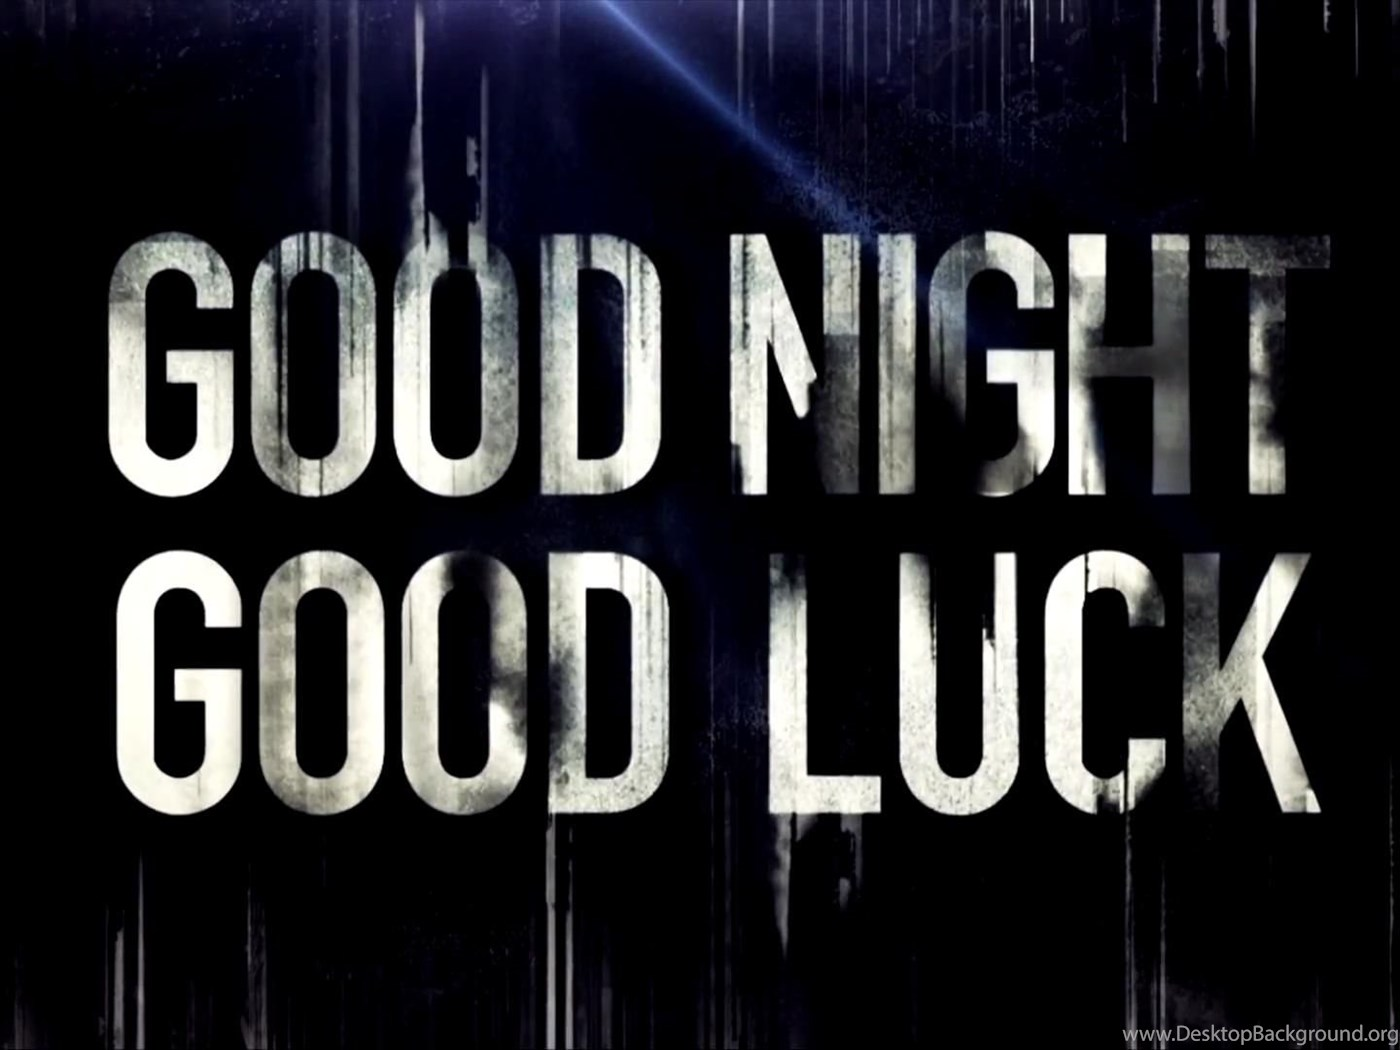 Dying Light Good Night Good Luck Hd Wallpapersjpg Desktop Background